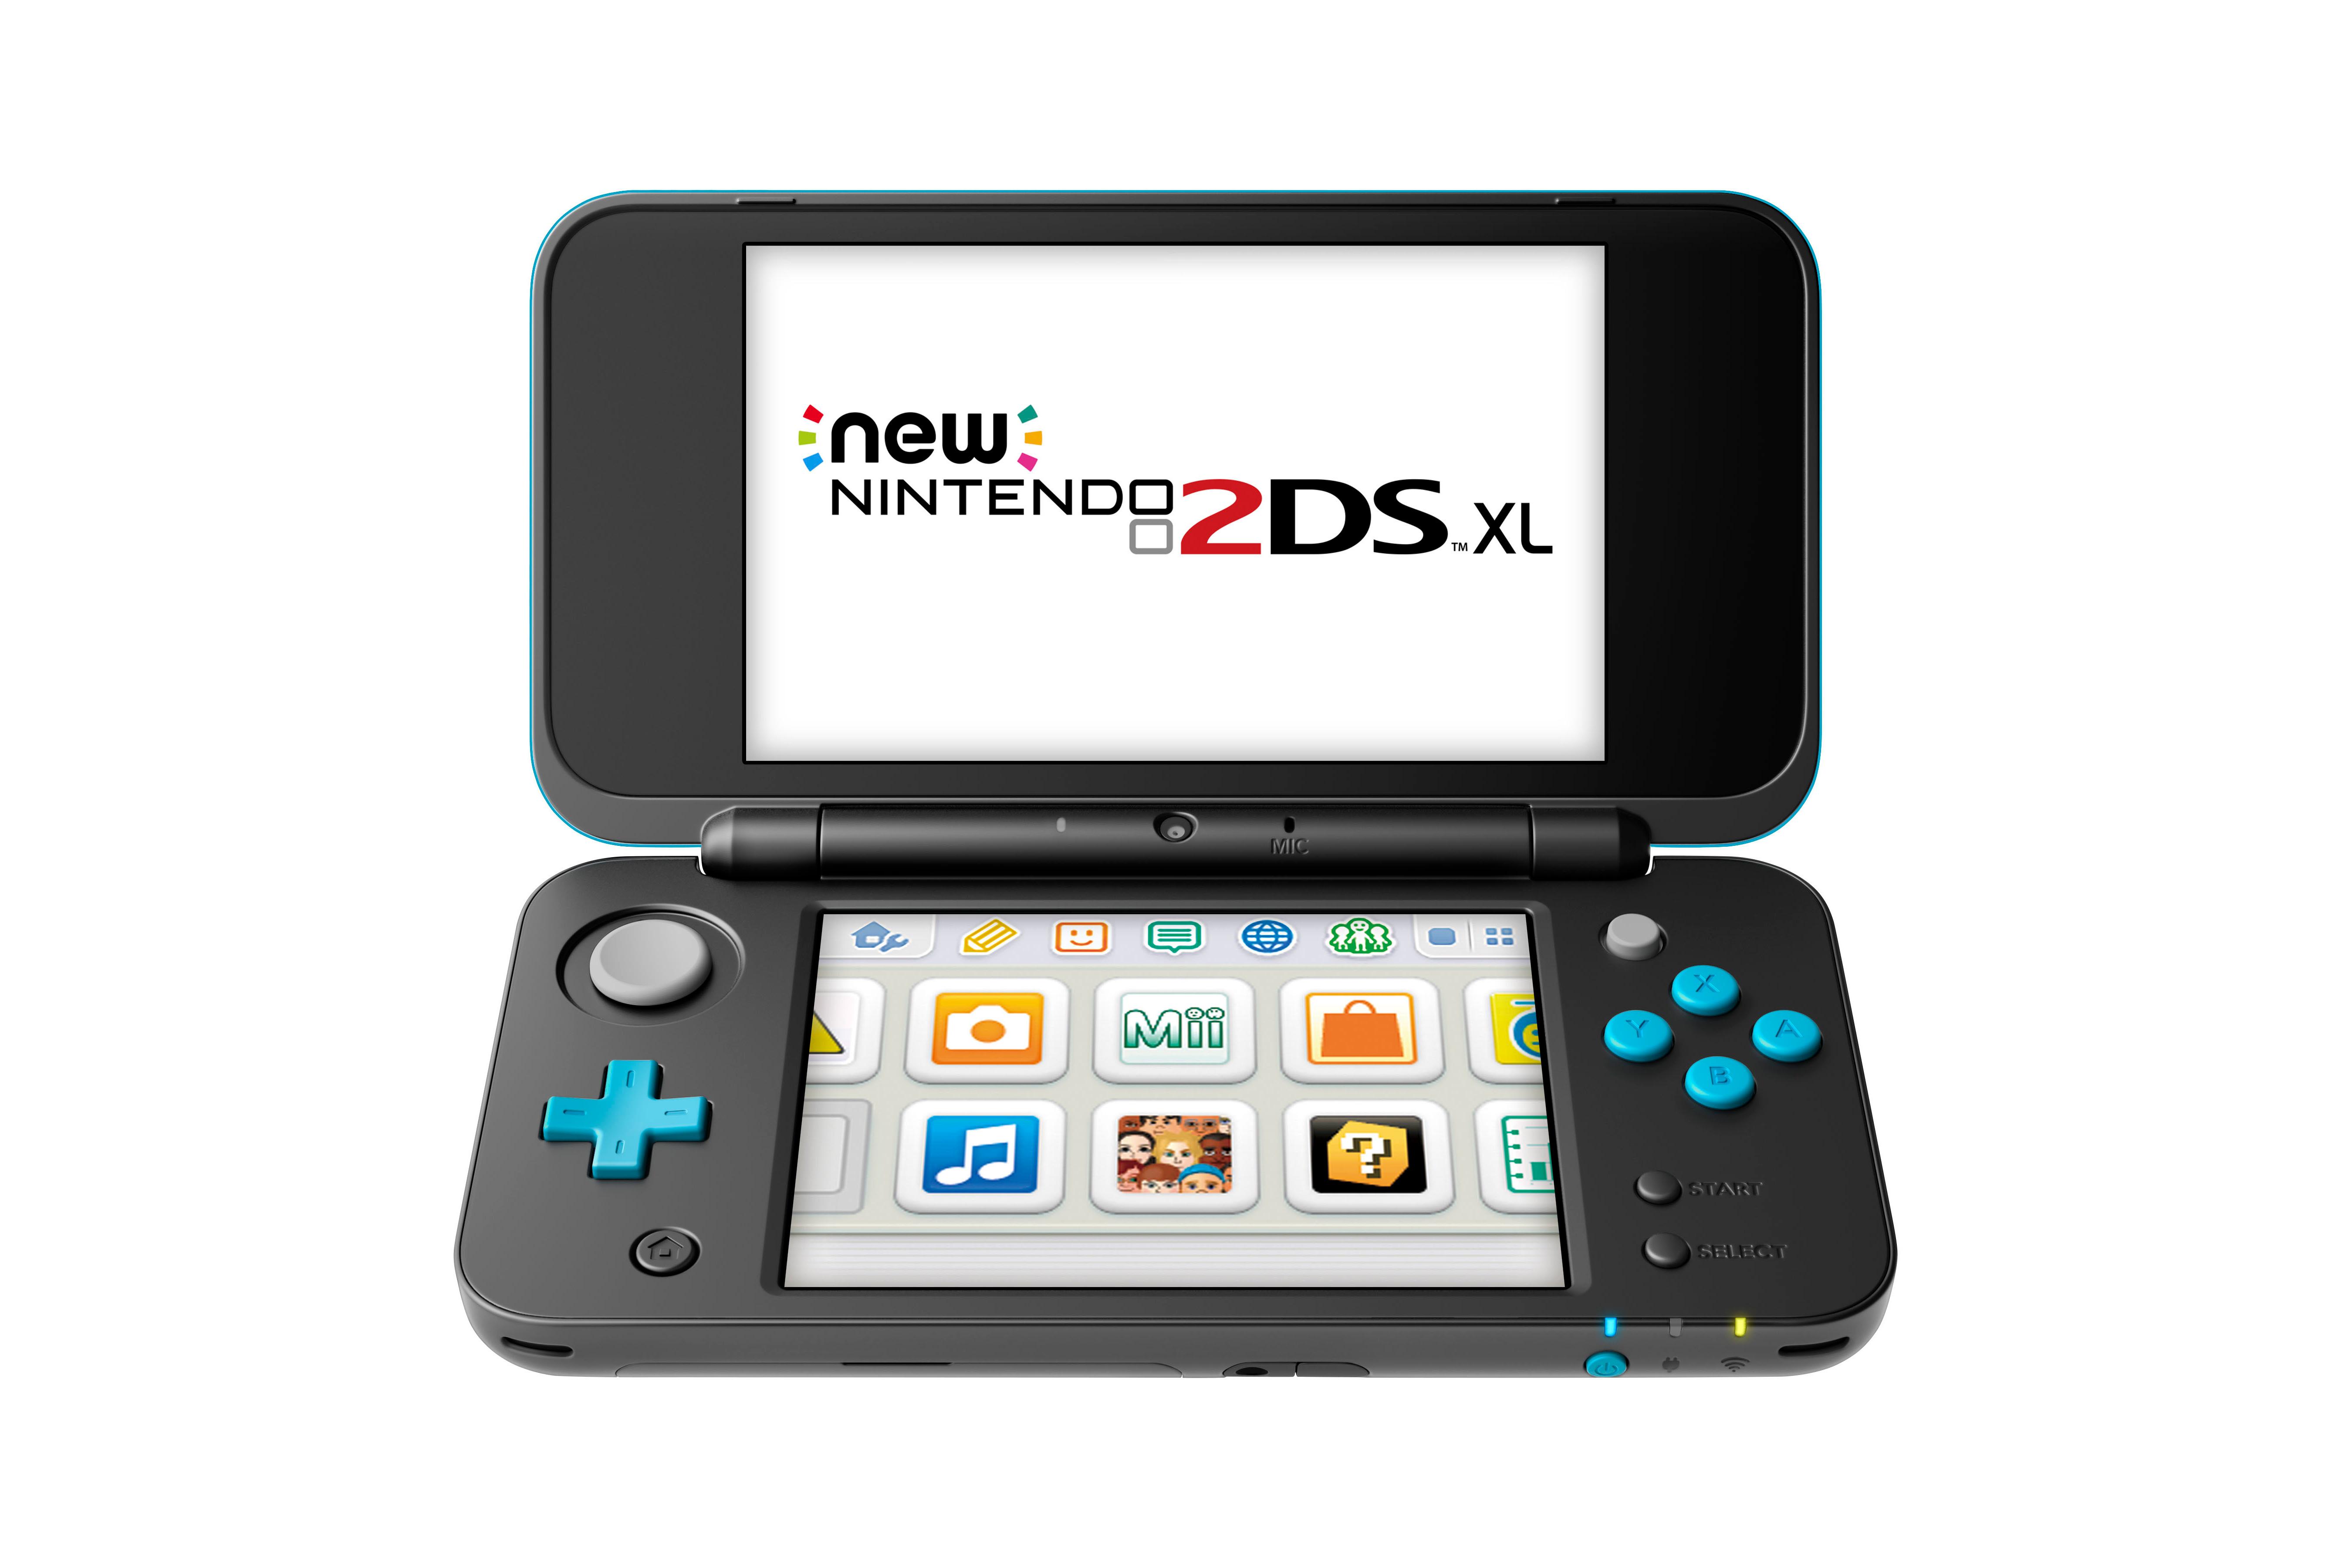 Nintendo release date in Perth